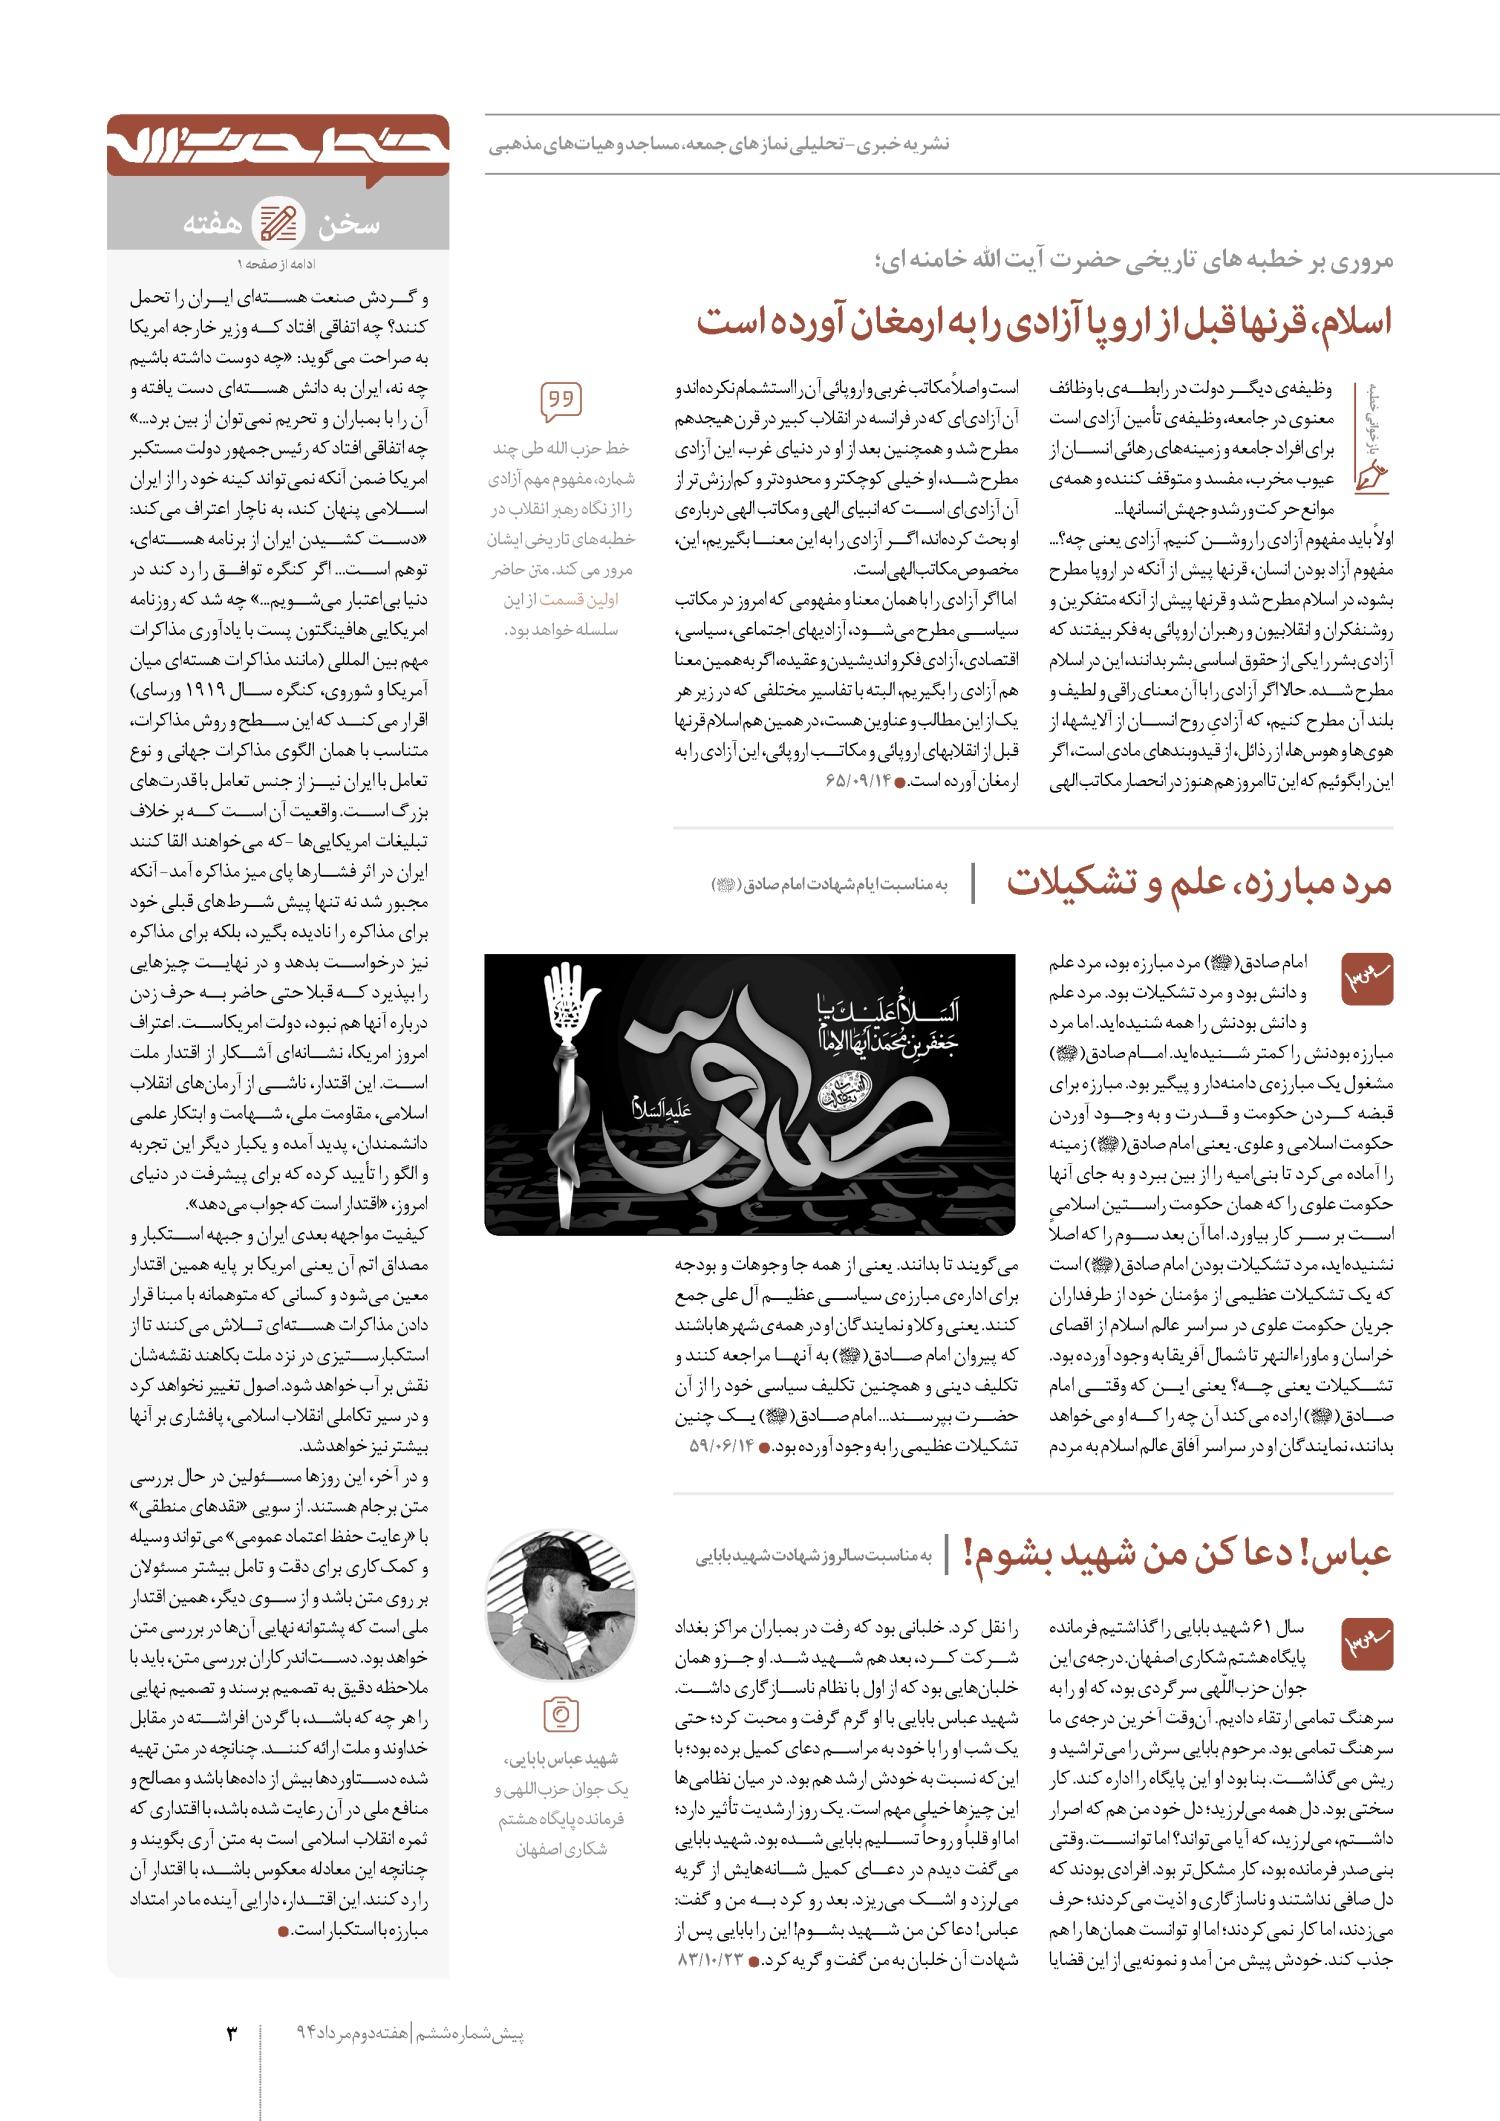 خط حزب الله -پیششماره ششم خط حزب الله -پیششماره ششم page large 33